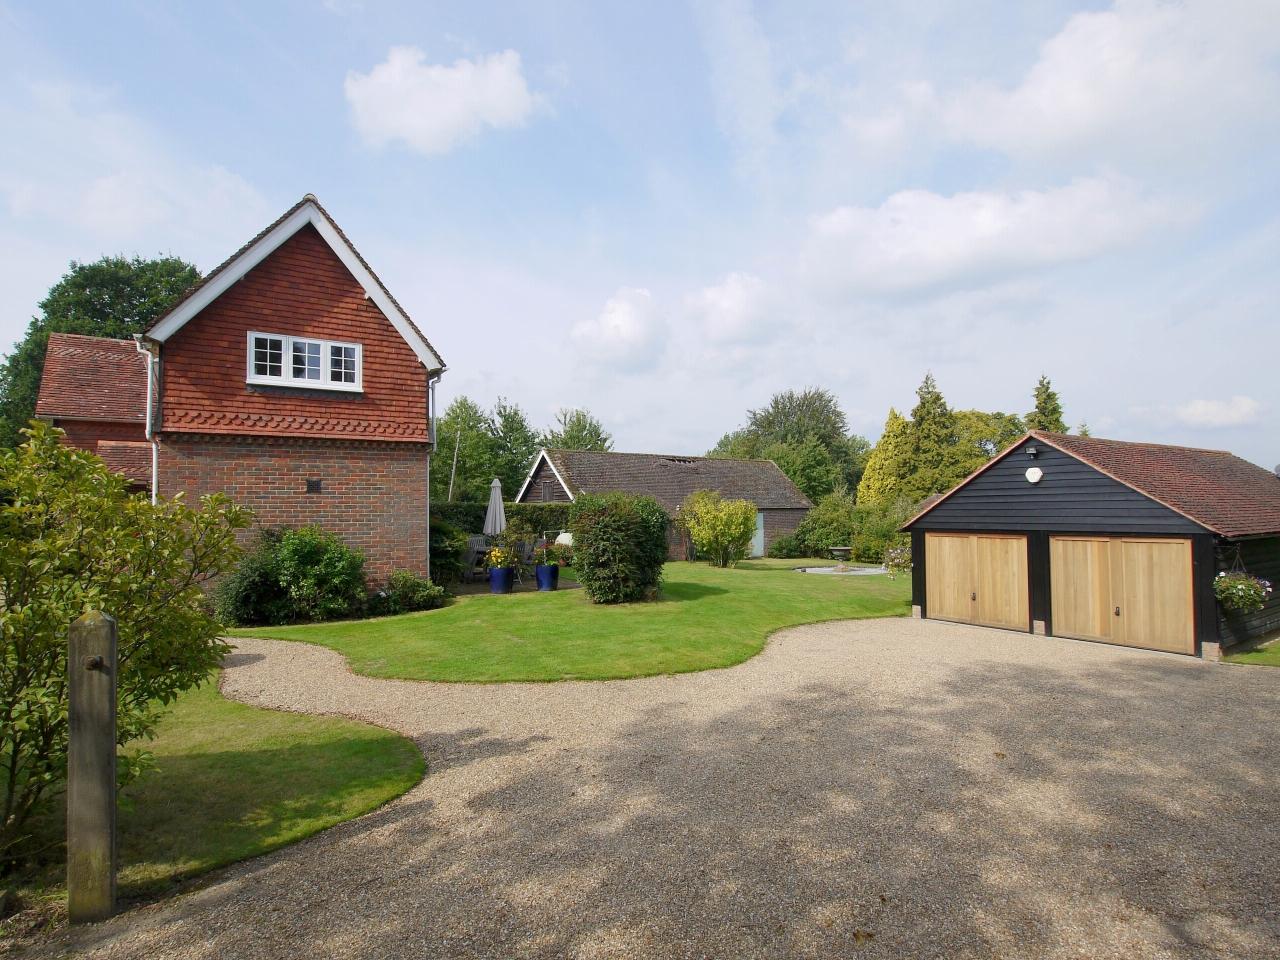 4 bedroom detached house Sold in Tonbridge - Photograph 2